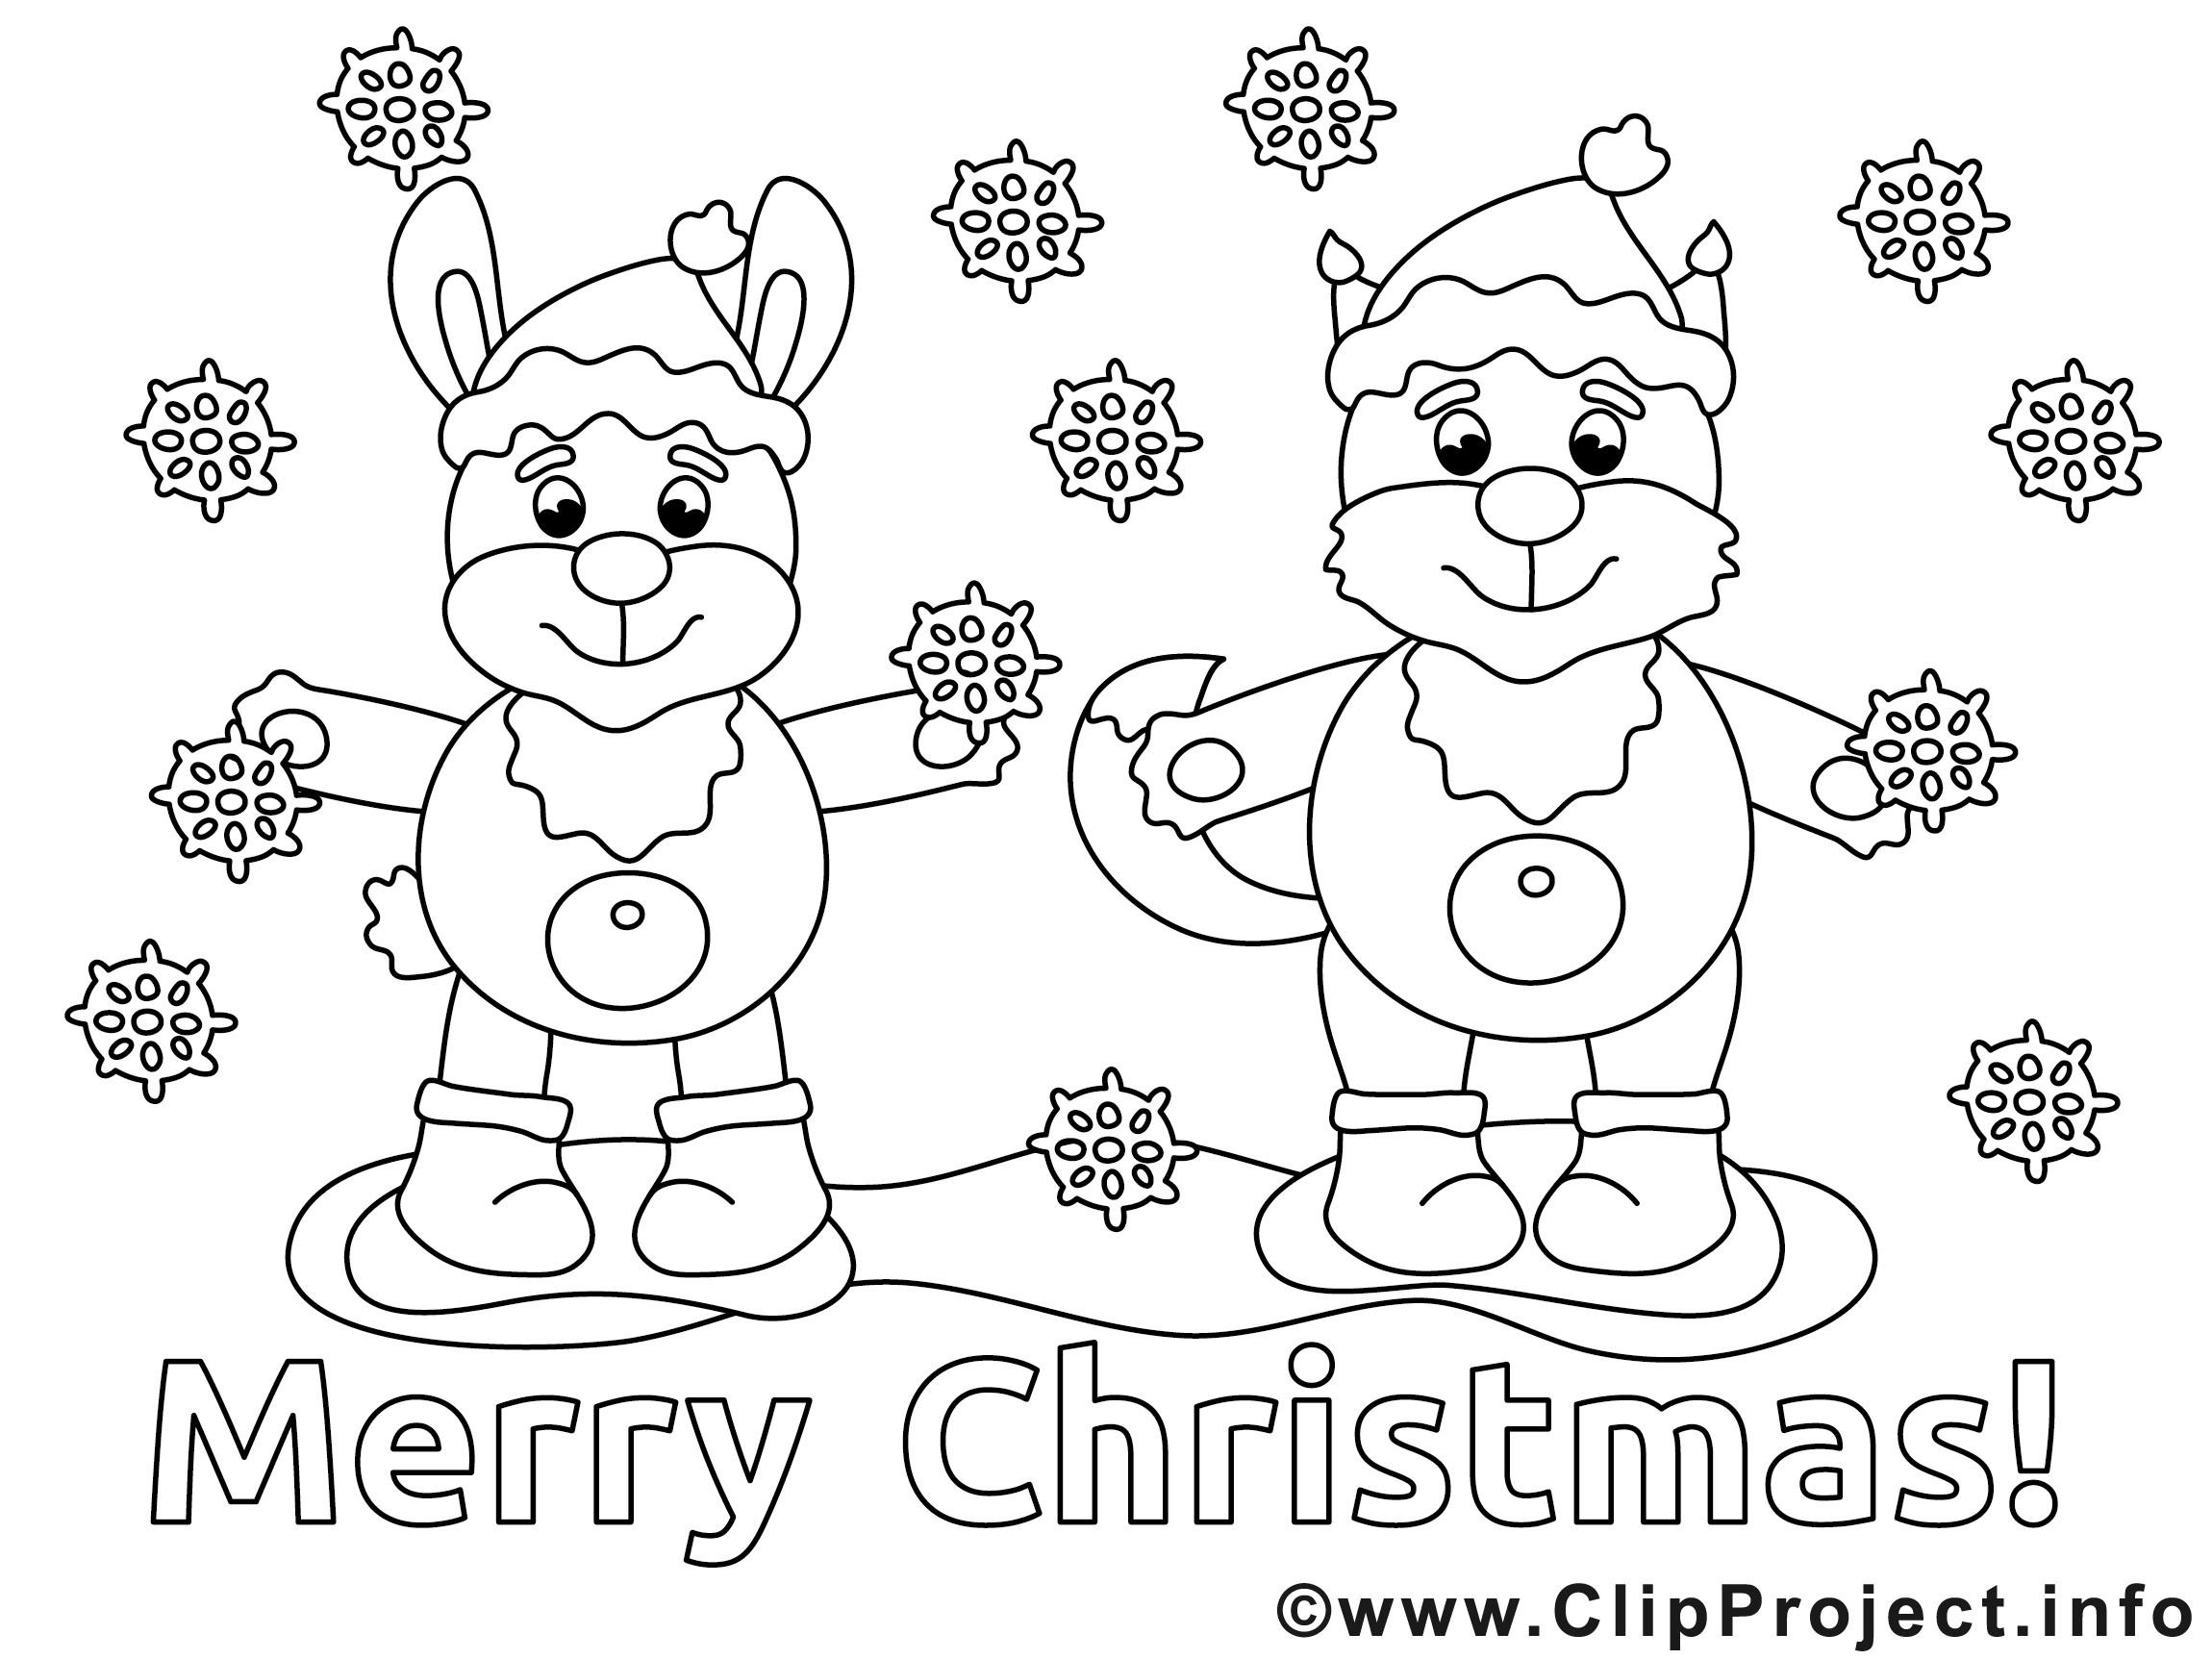 Ausmalbilder Weihnachten Ausdrucken Das Beste Von Malvorlagen Gratis Zum Ausdrucken Sammlung